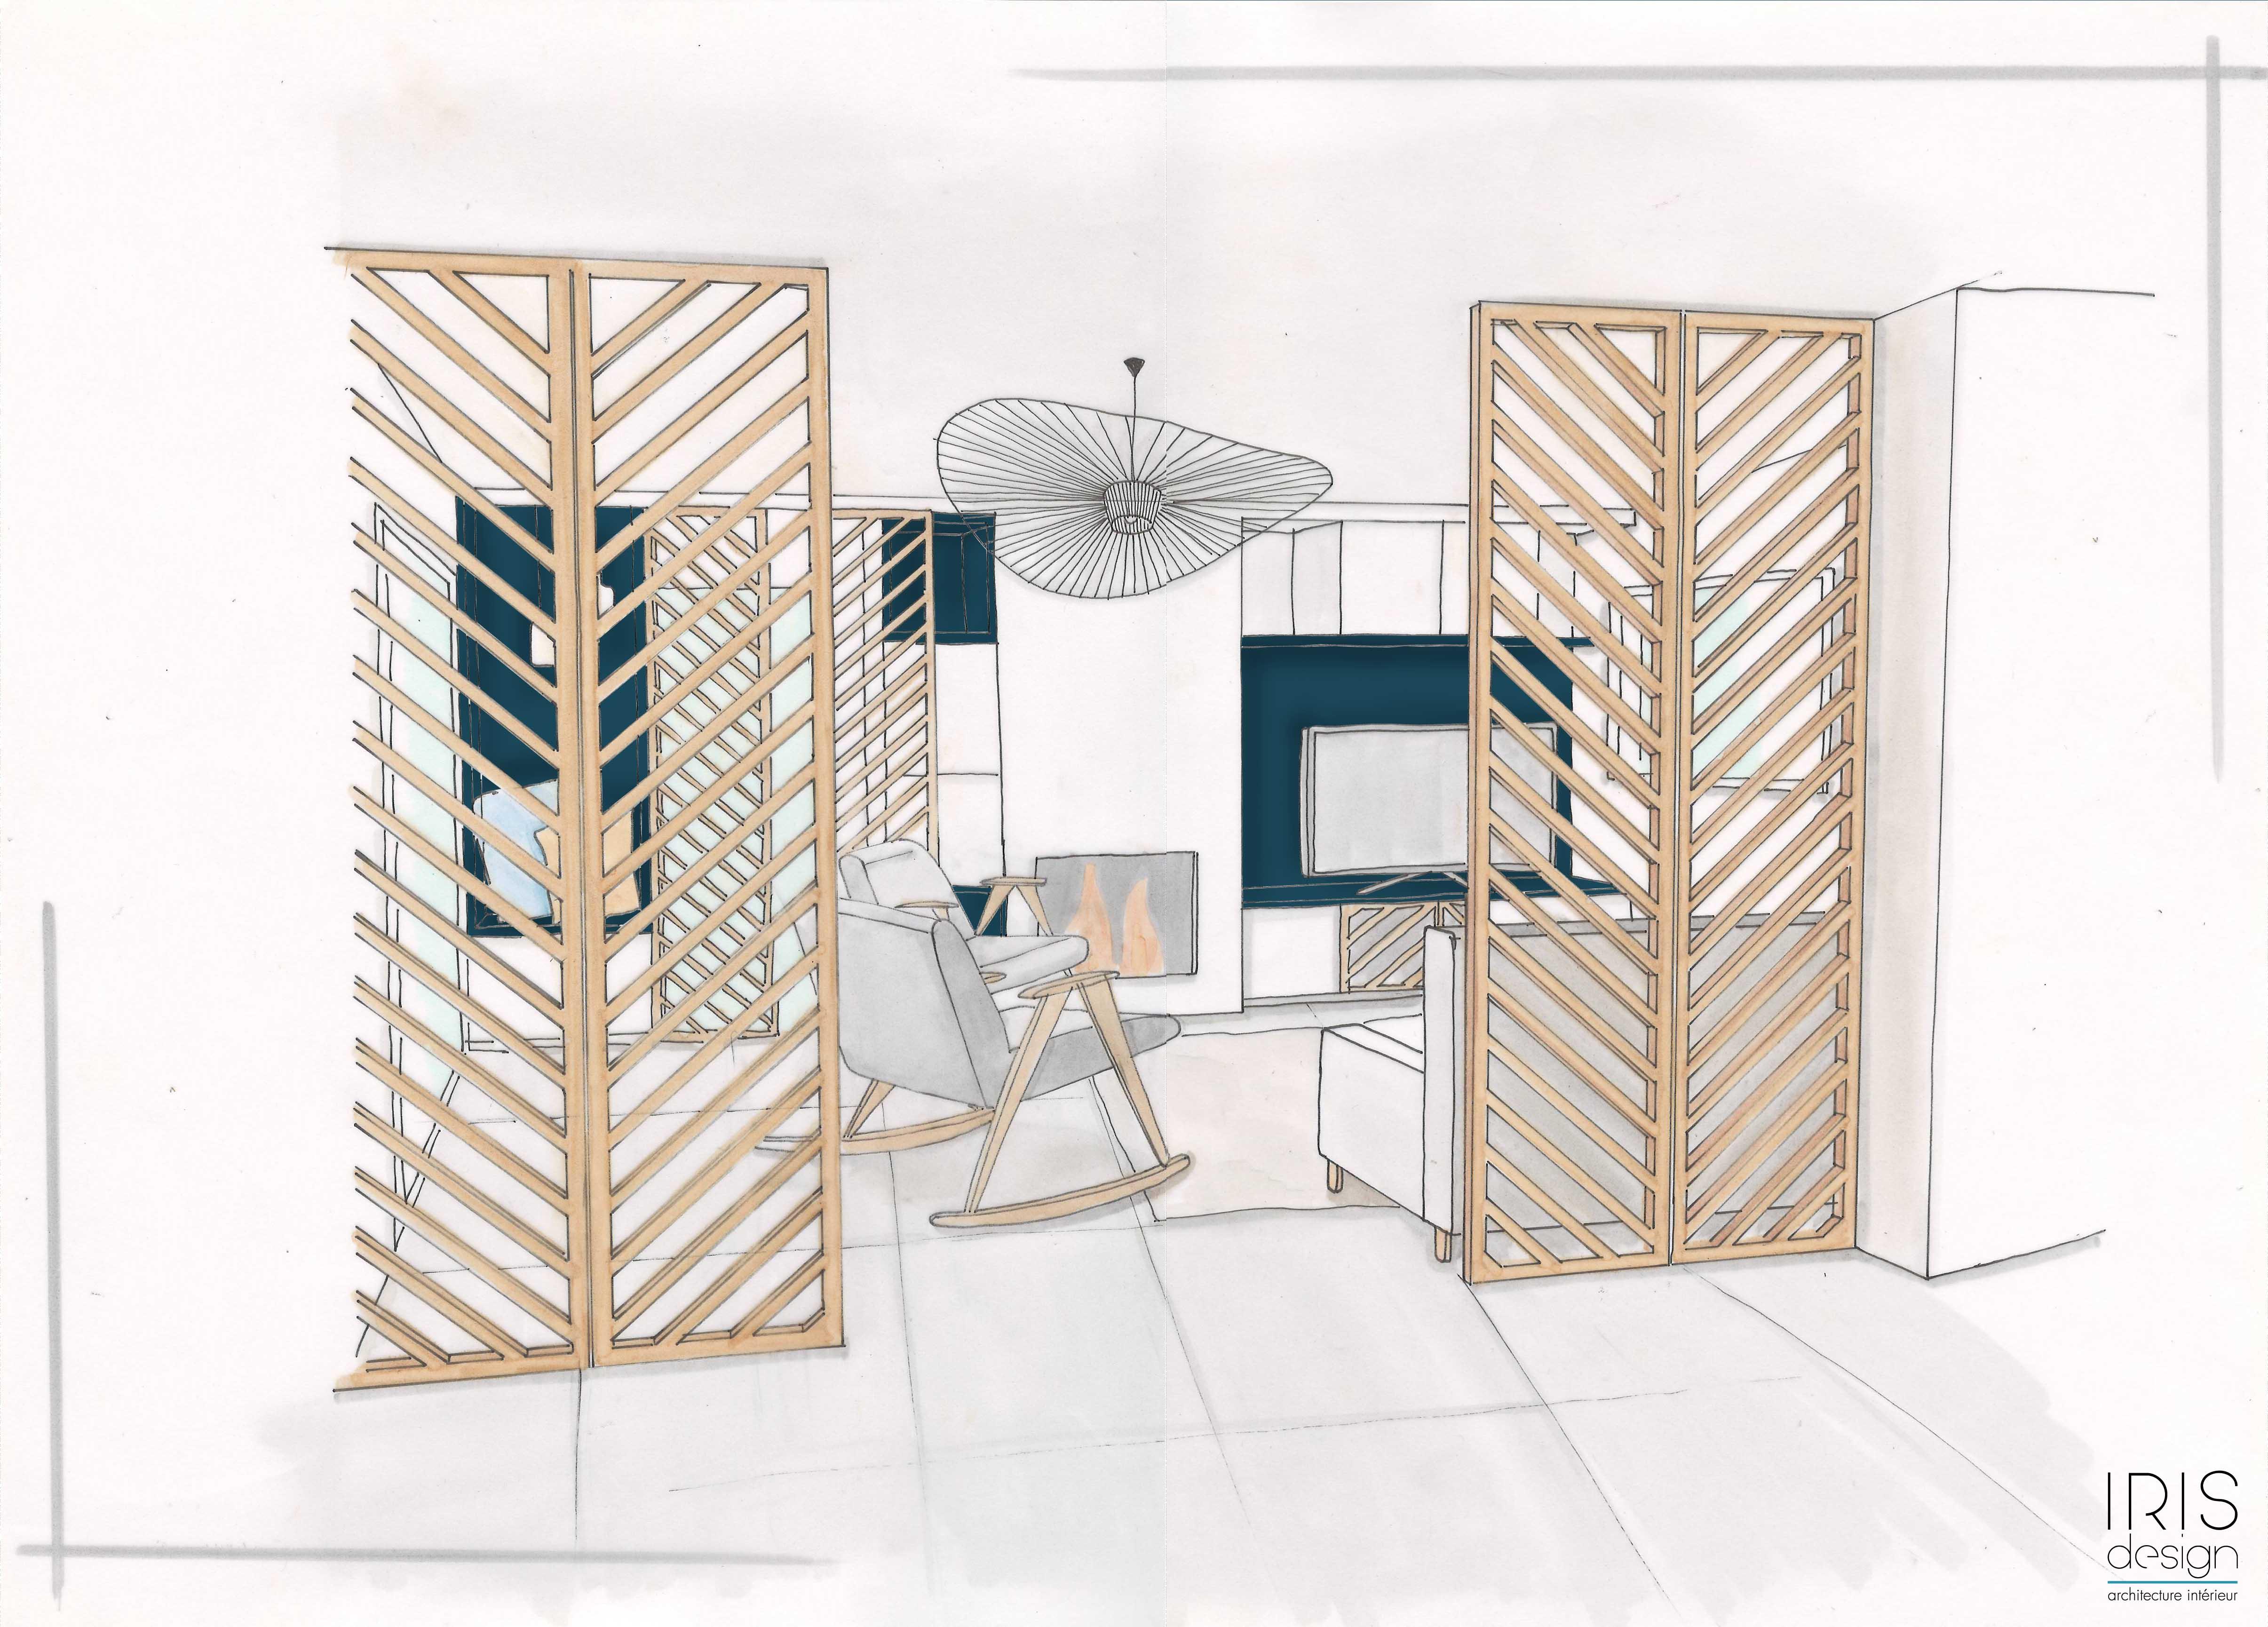 Robi design Métallique Annecy Verrière Salon ANDILLY 7492-min